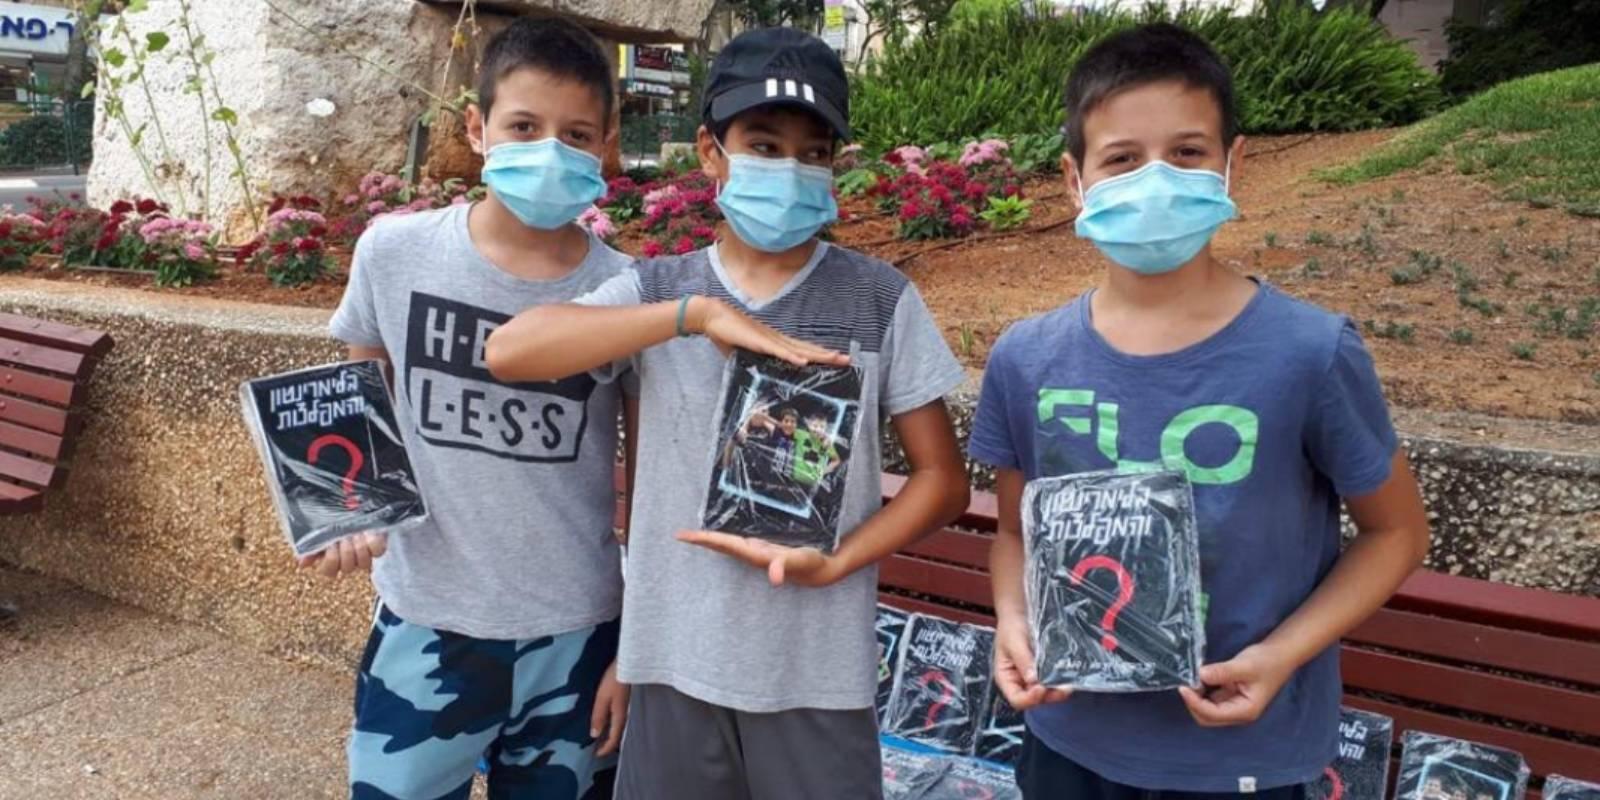 כבוד ! 3 ילדים בני 12, רועי ווינברג, דור ושילה סולן, הוציאו ספר מתח